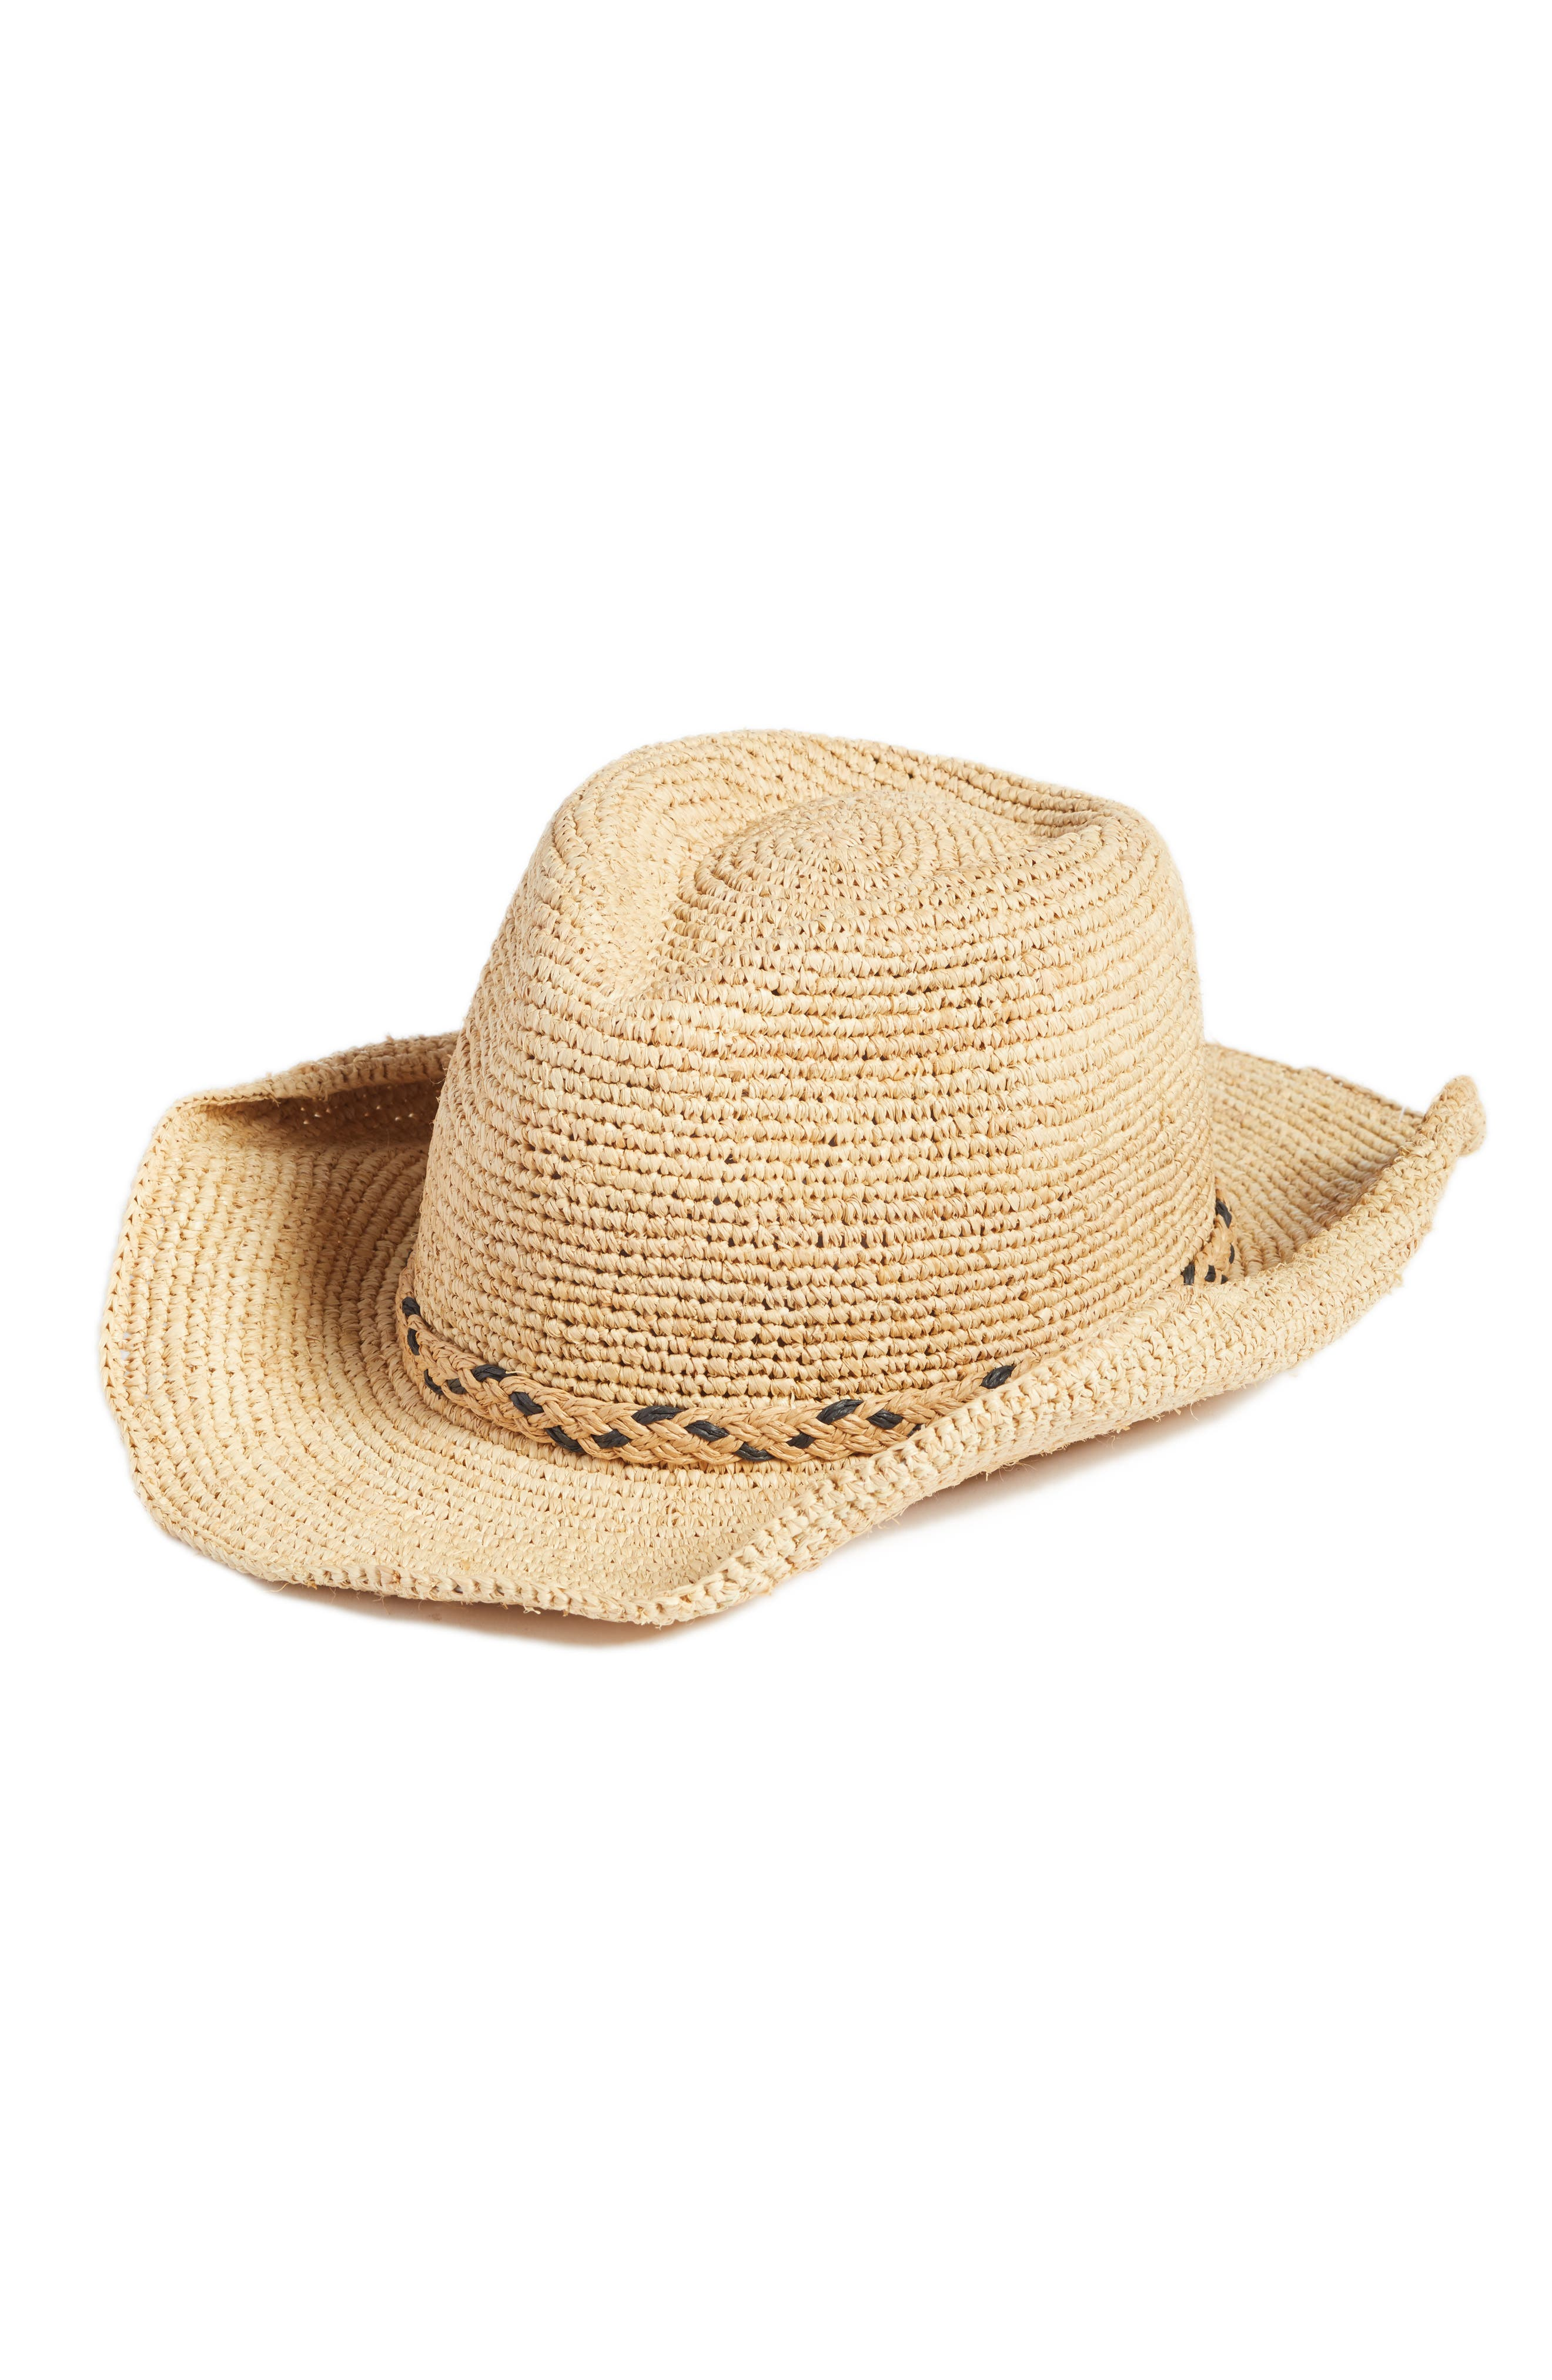 Packable Raffia Panama Hat,                         Main,                         color, 235